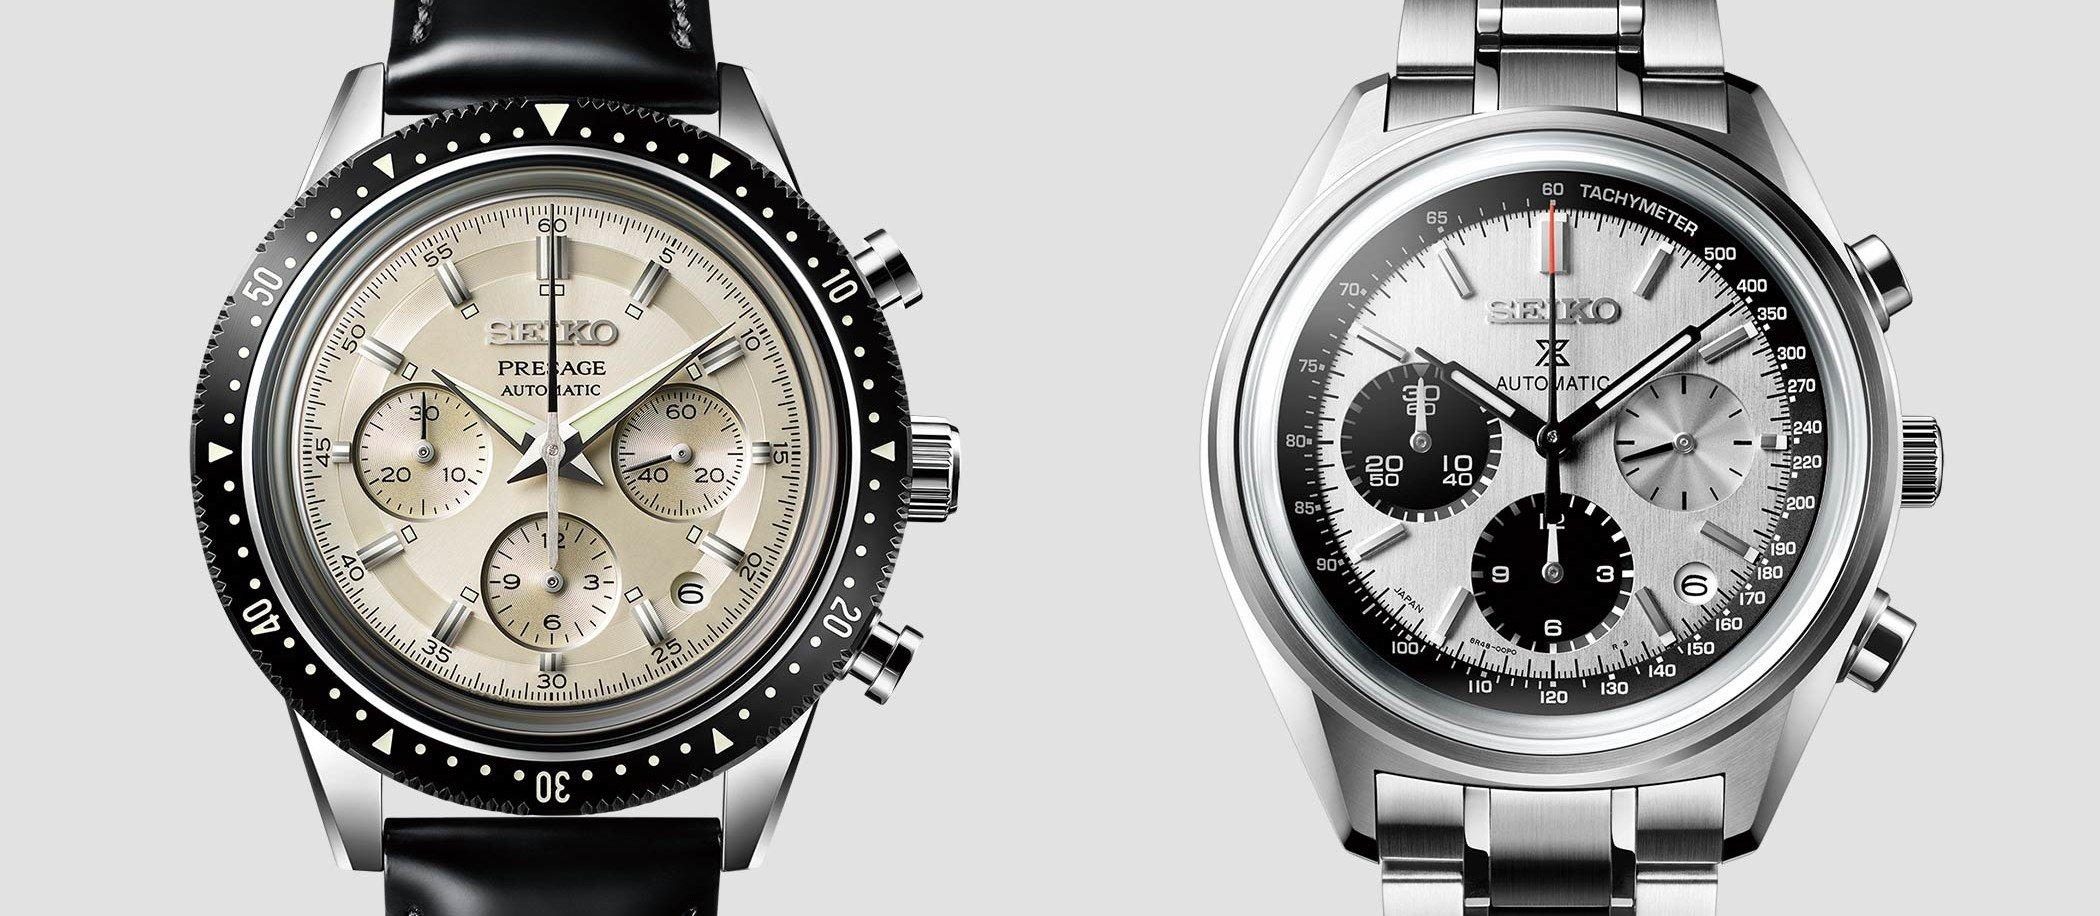 Seiko Automatic Chronograph Prospex SRQ029 i Presage SRQ031